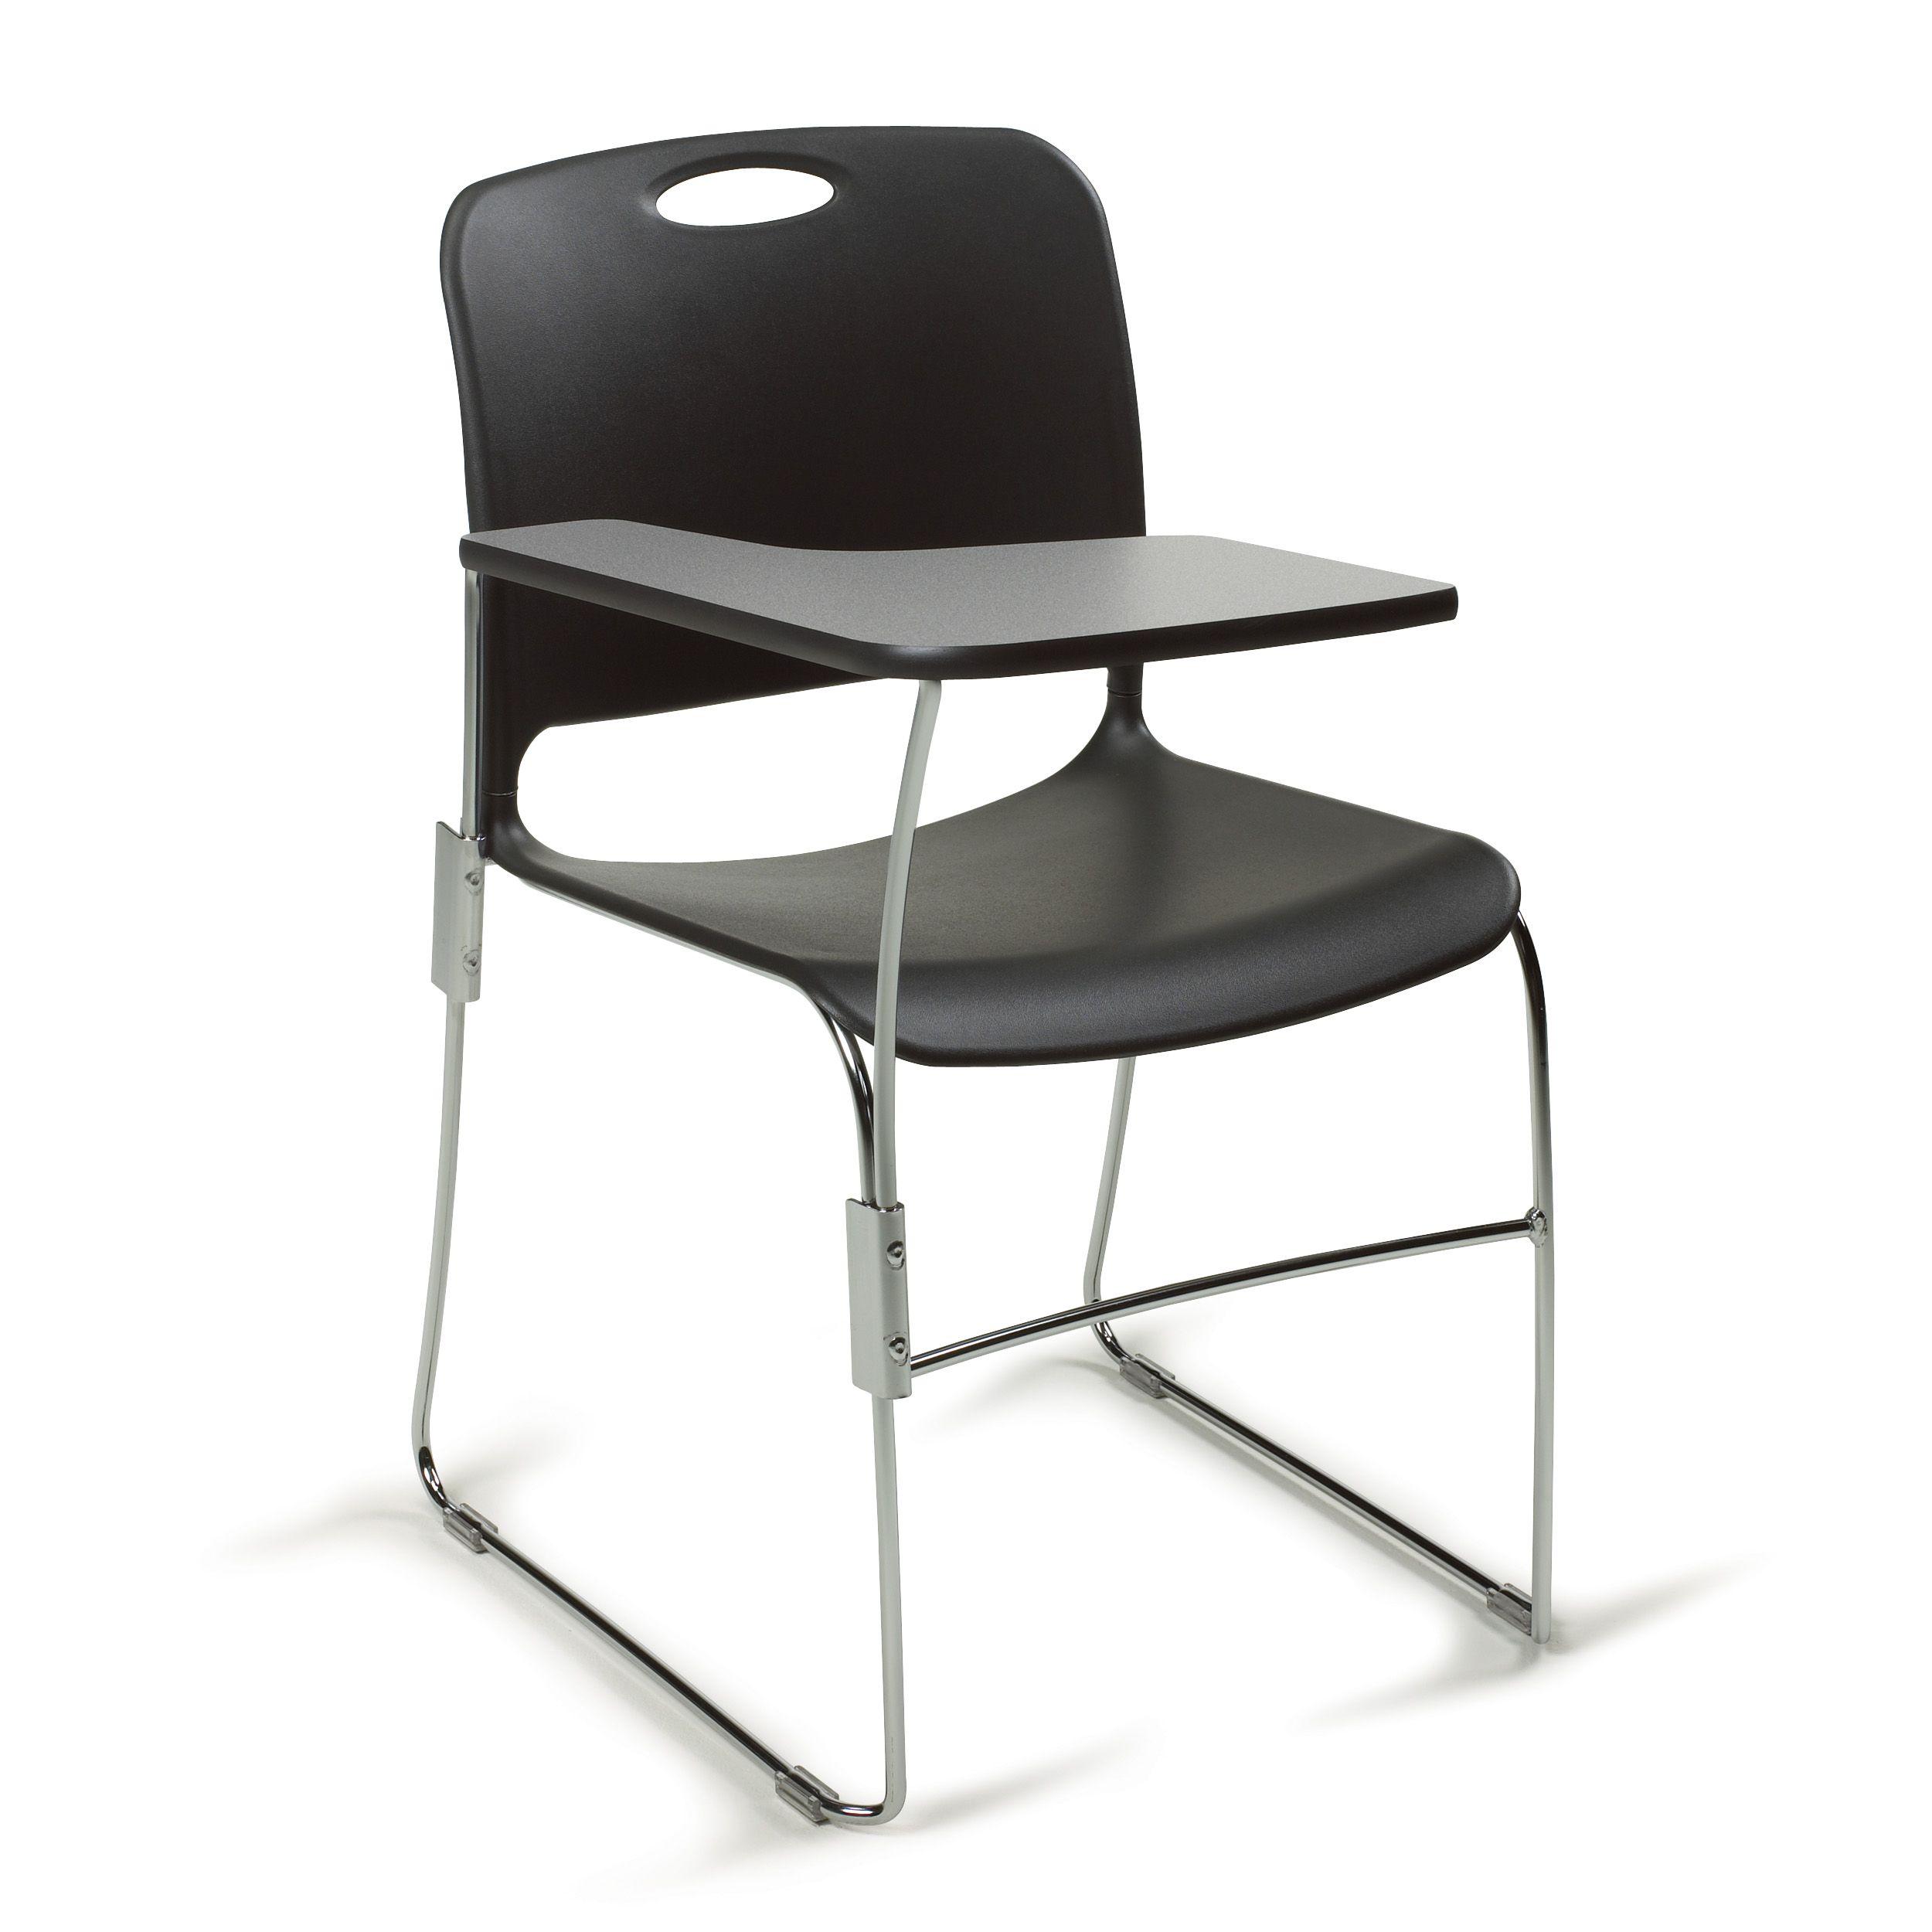 Naughtone Viv Chair Naughtone Pinterest